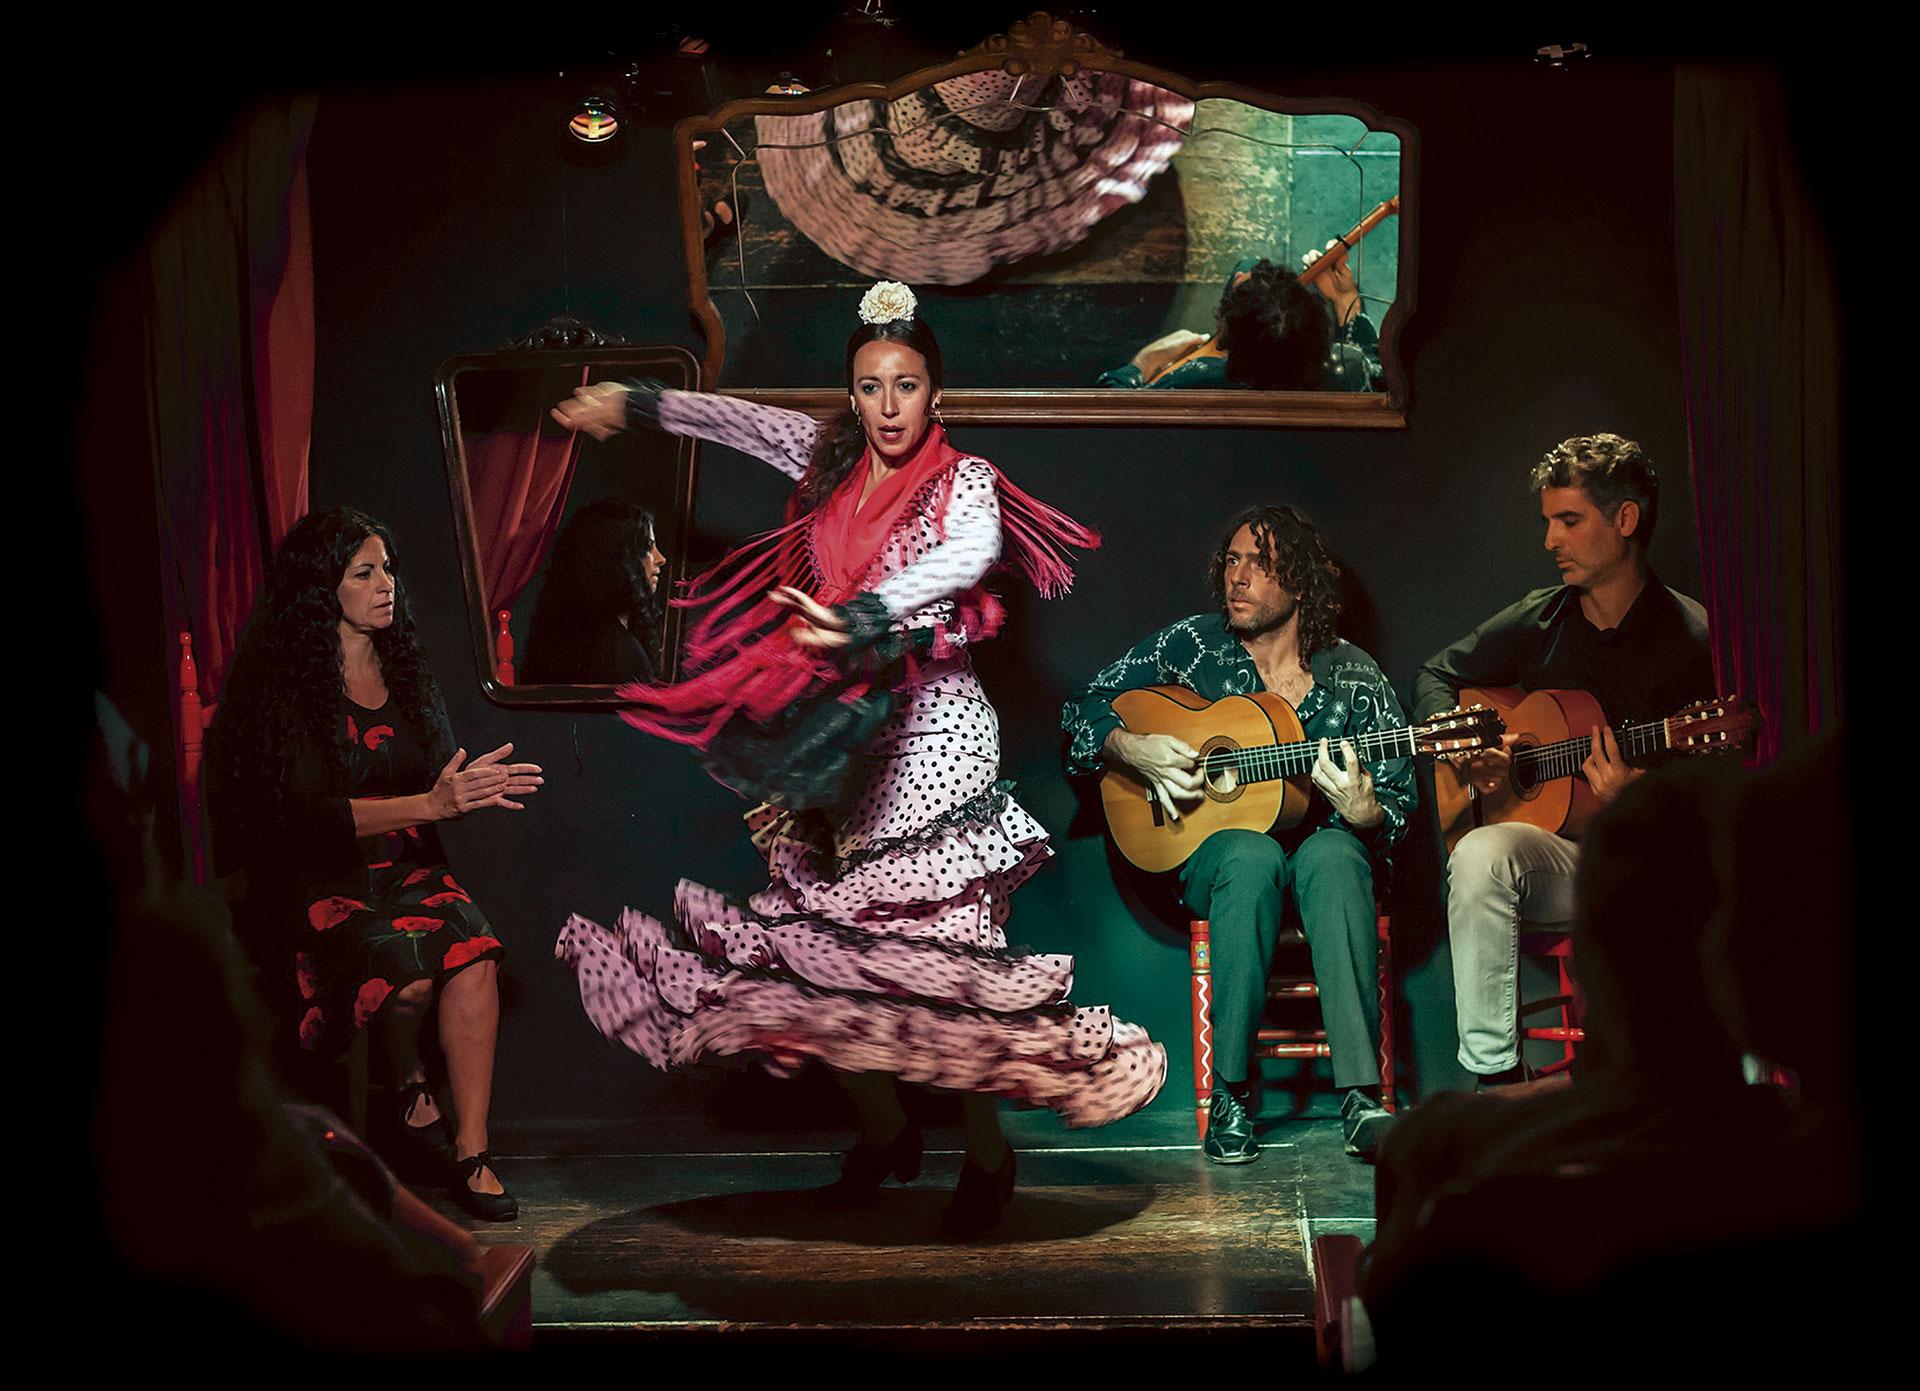 Flamenco en triana flamenco en sevilla espect culo flamenco for Espectaculos en sevilla hoy